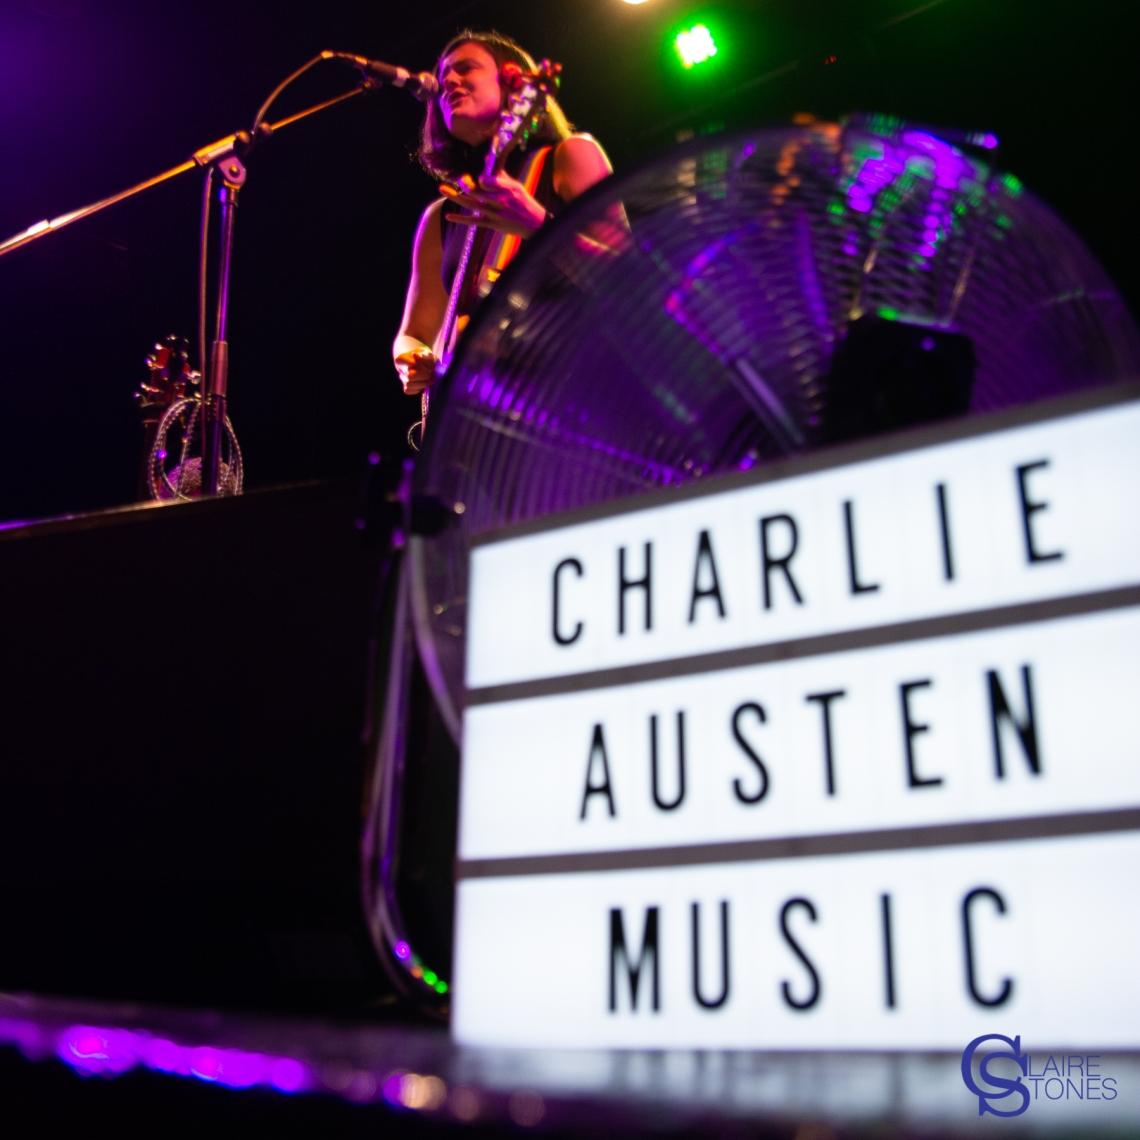 Charlie Austen-8